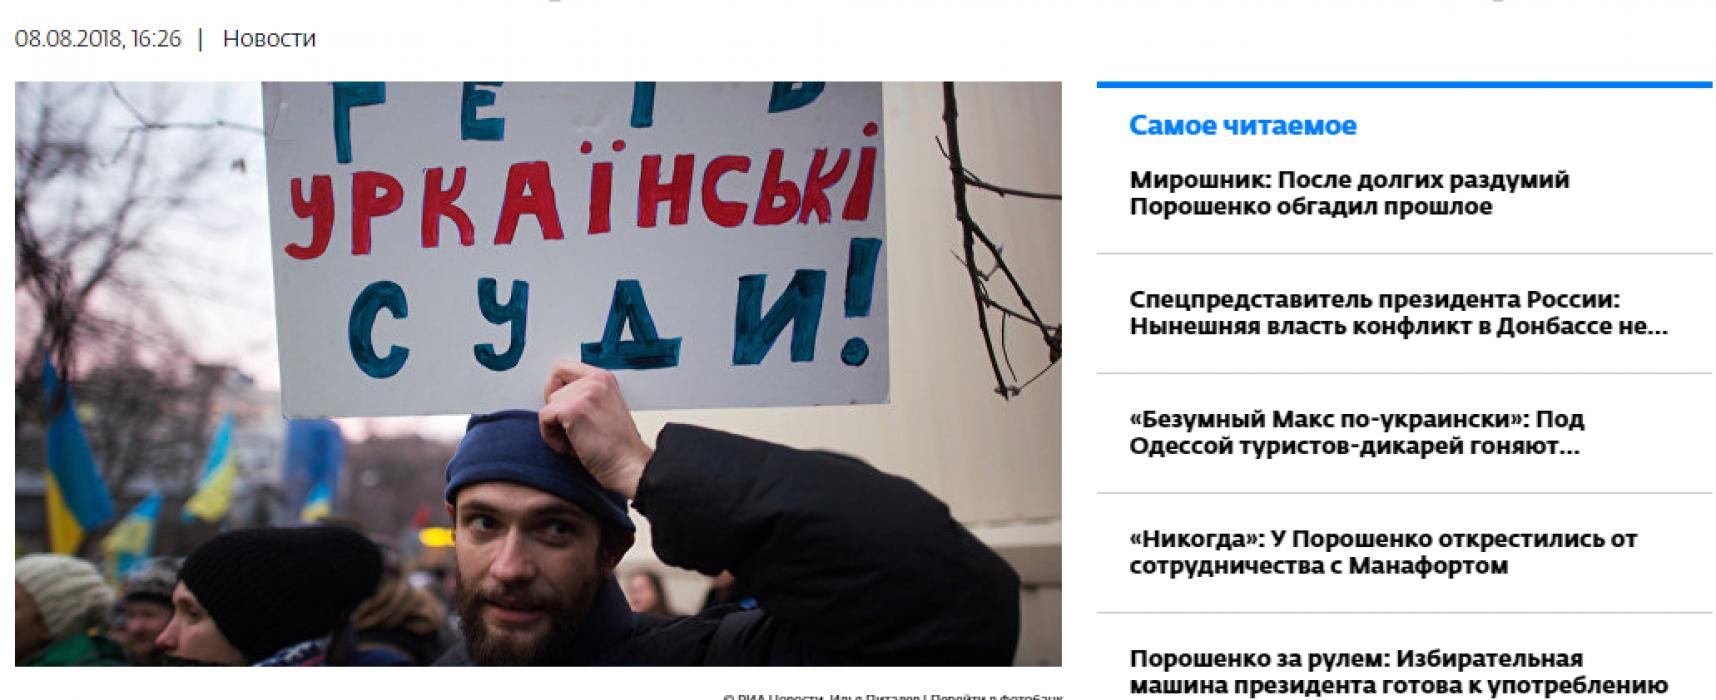 Фейк: Девять из десяти украинцев не могут отсудить свою зарплату